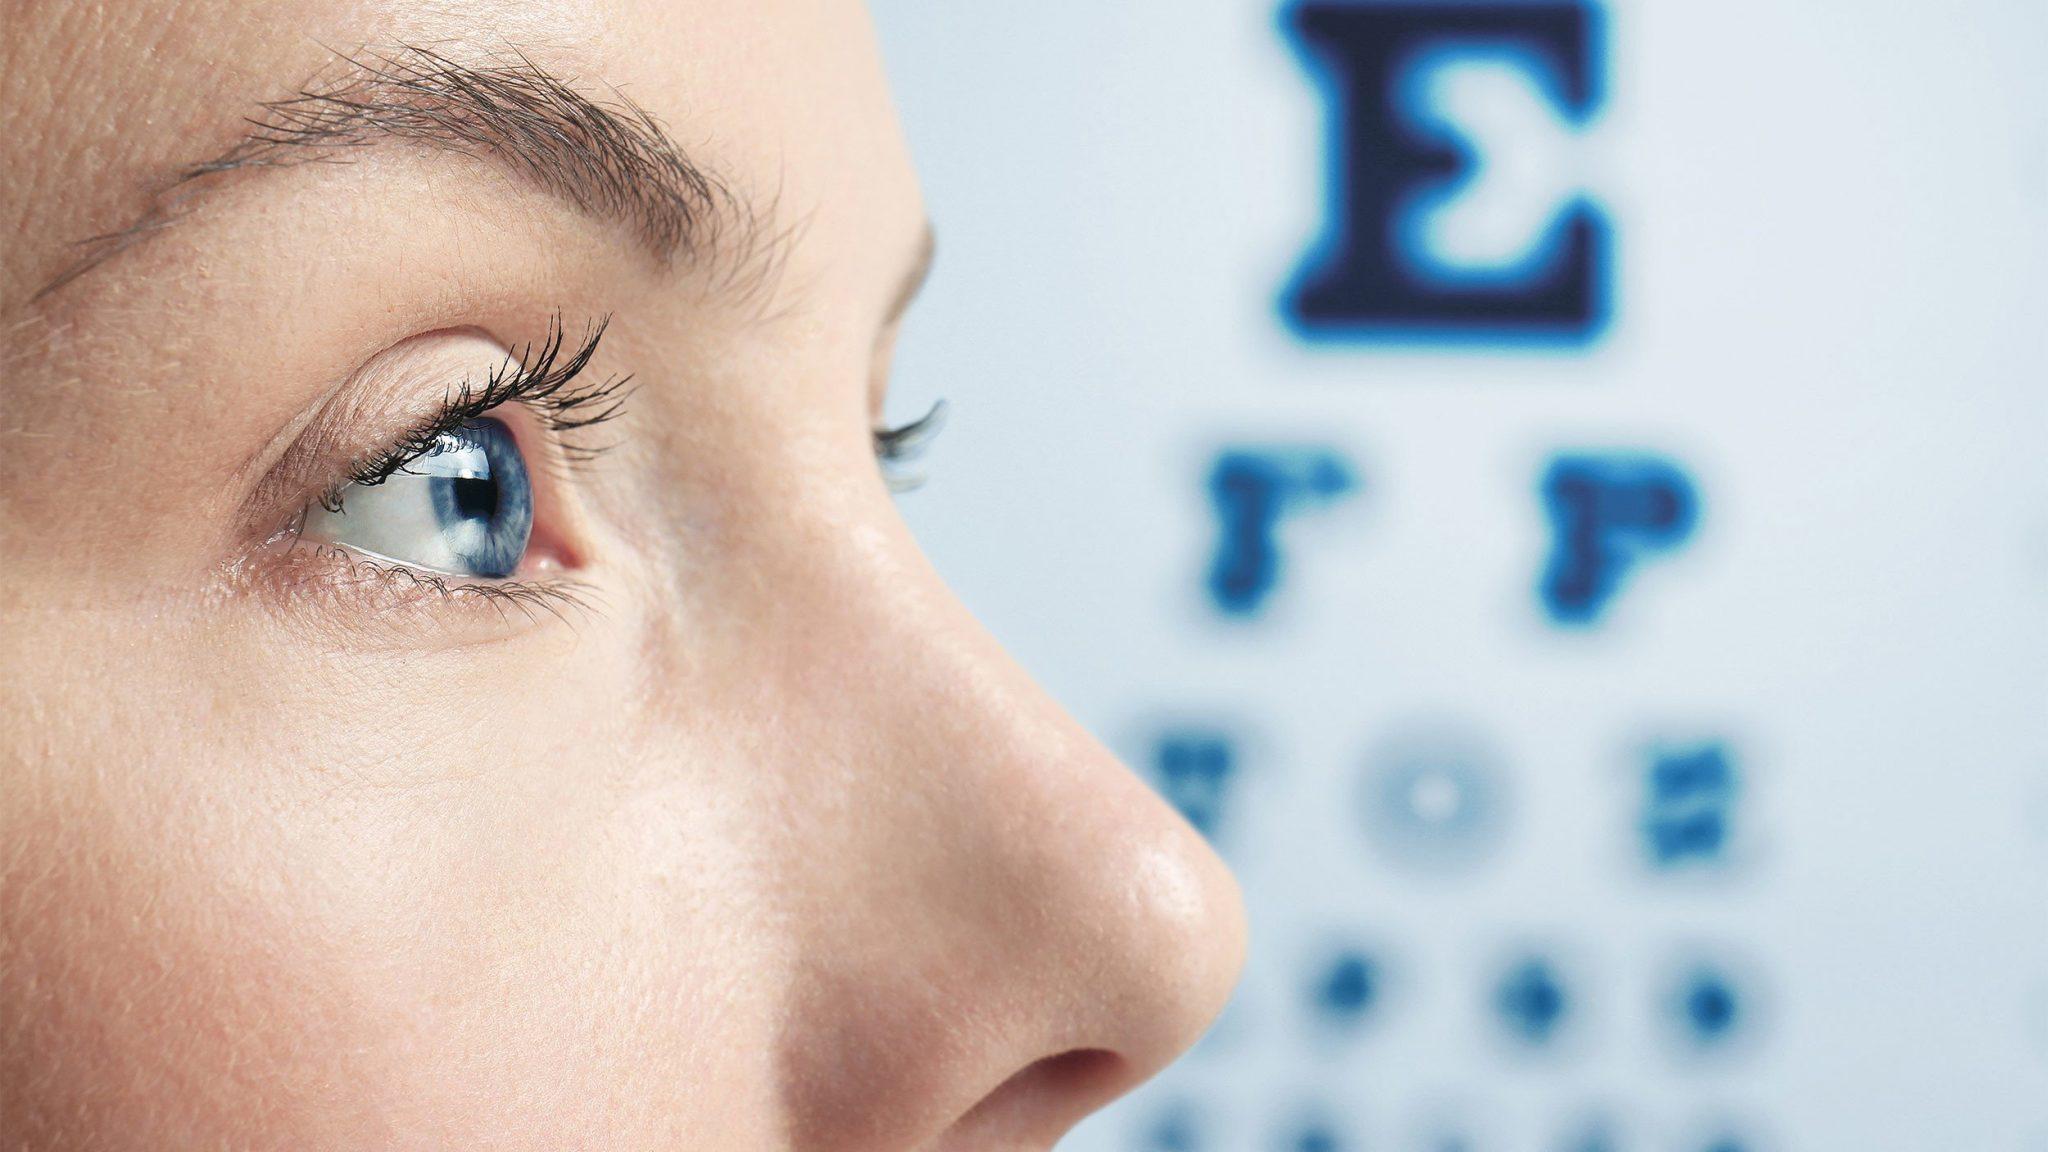 Доктор Бейтс. Симультативная ретиноскопия